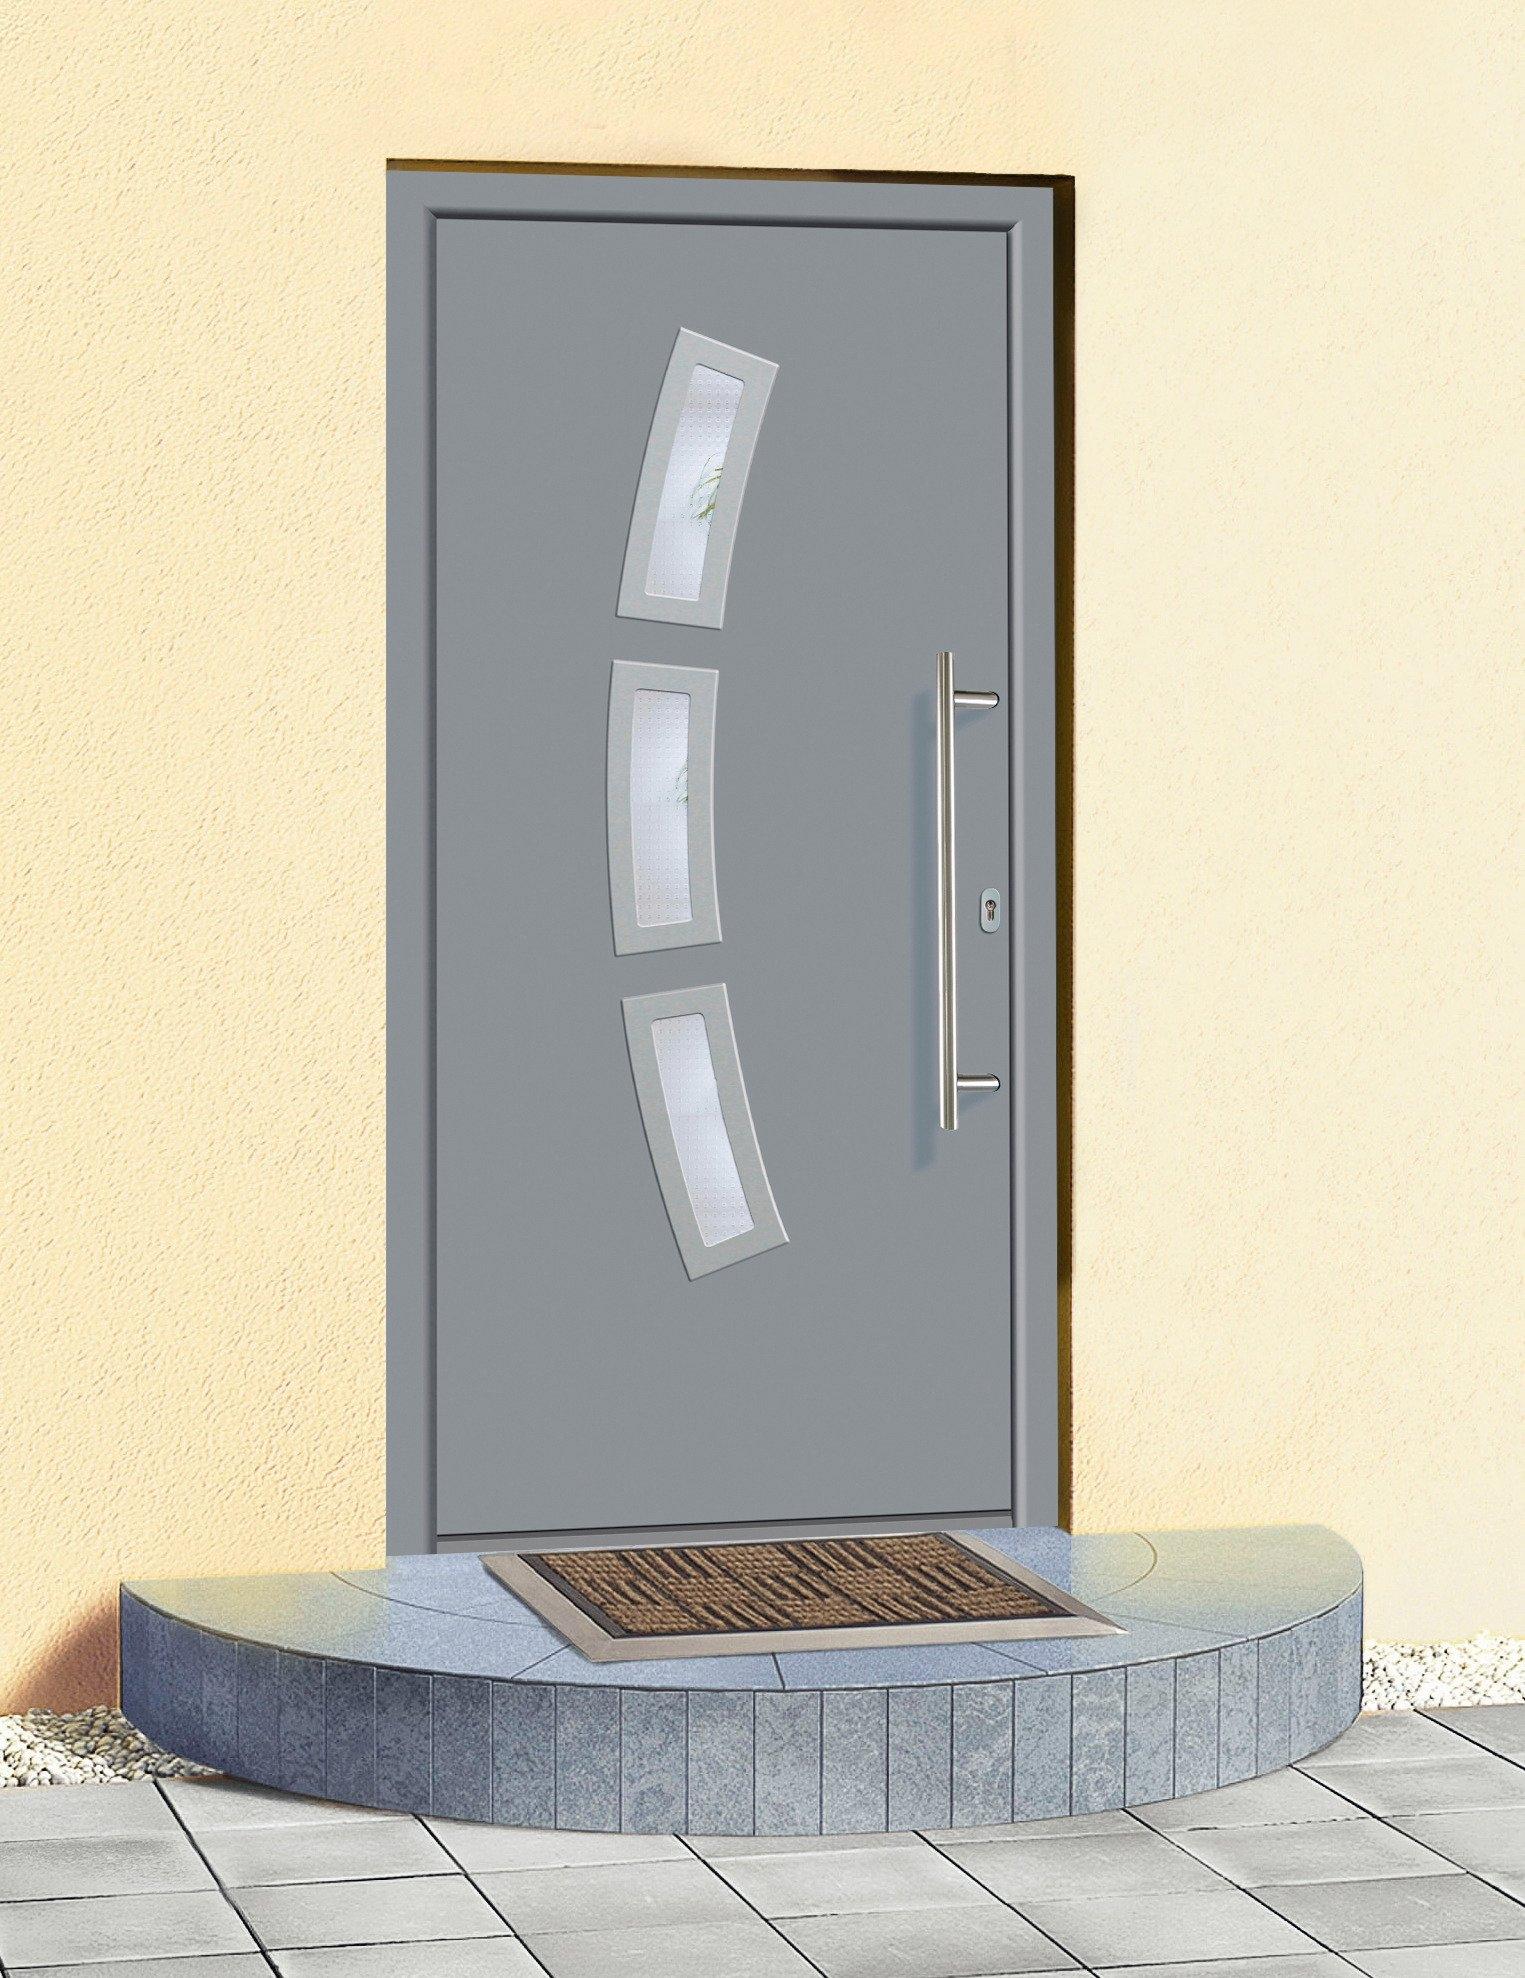 Km Zaun KM MEETH ZAUN GMBH Aluminiumvoordeur nu online bestellen